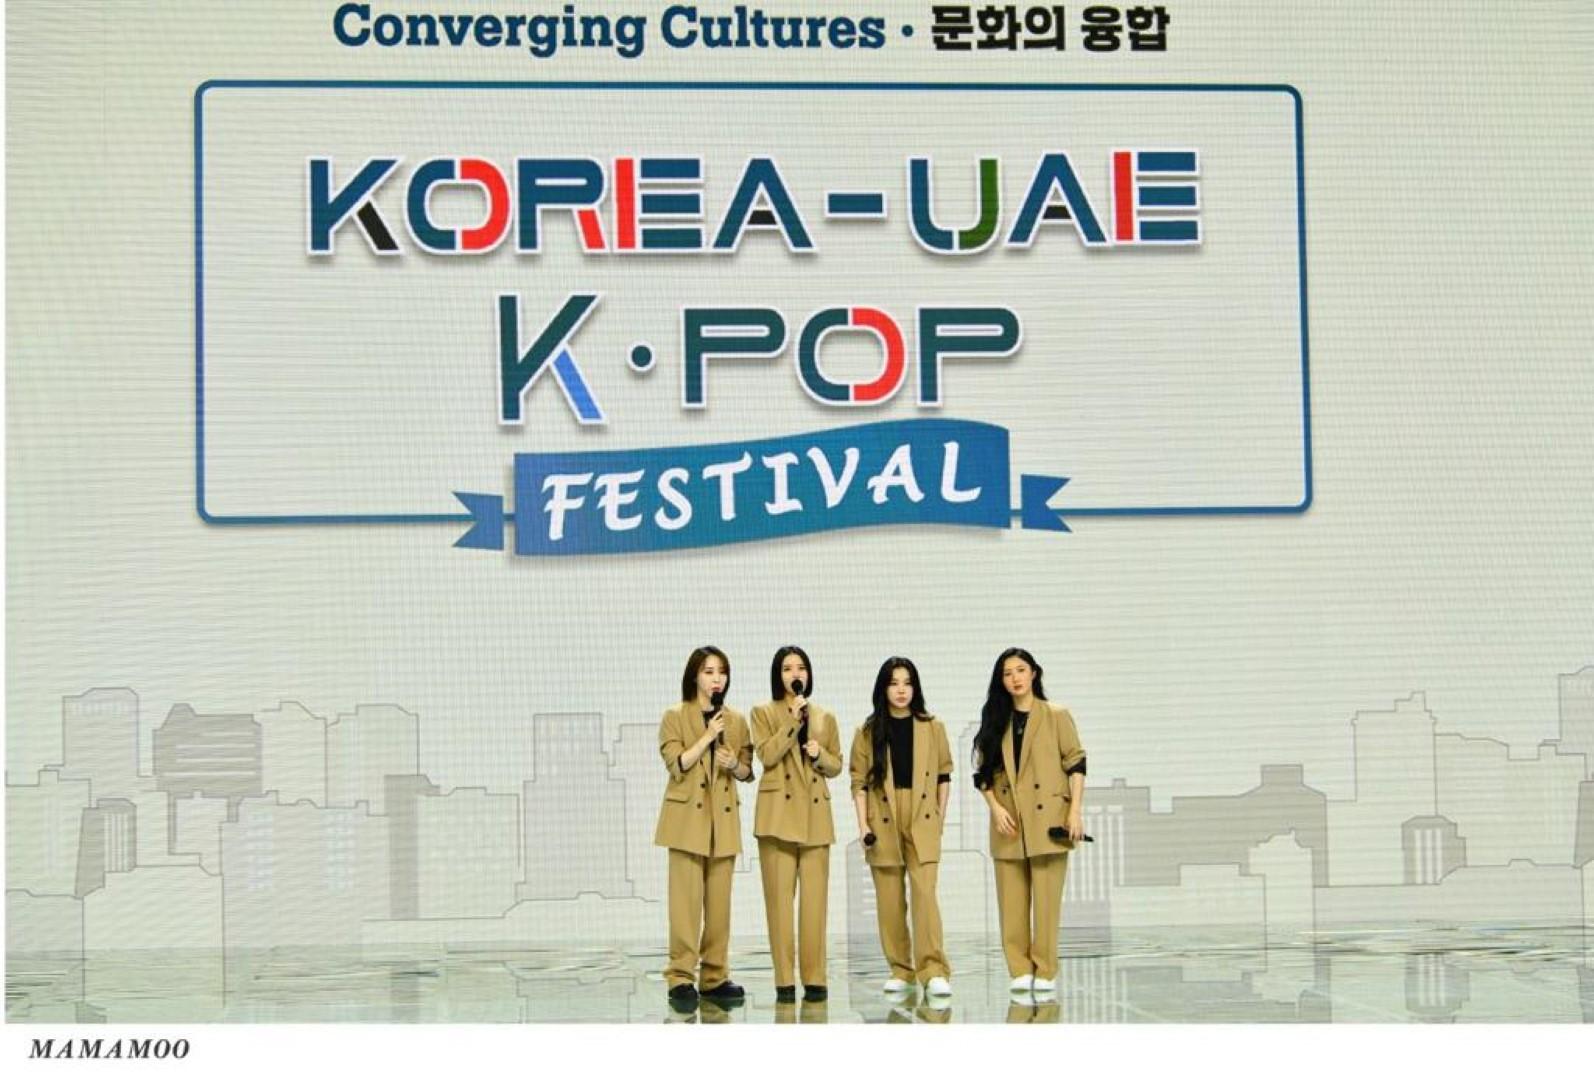 المهرجان الإماراتي الكوري يستقطب 2.73 مليون مشاهد